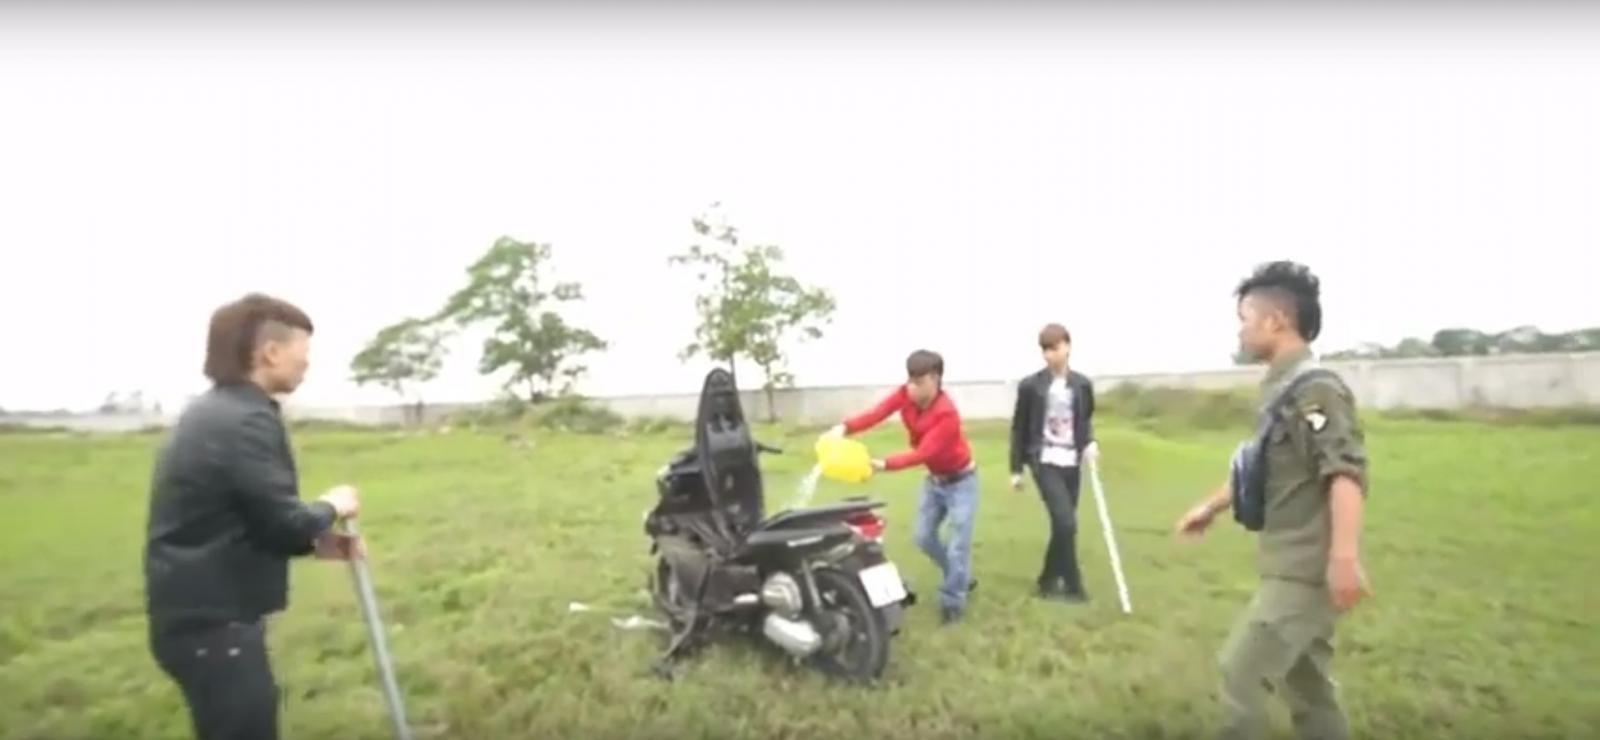 Sau khi đập nát xe, Khá Bảnh cùng những người bạn tiếp tục tẩm xăng đốt xe